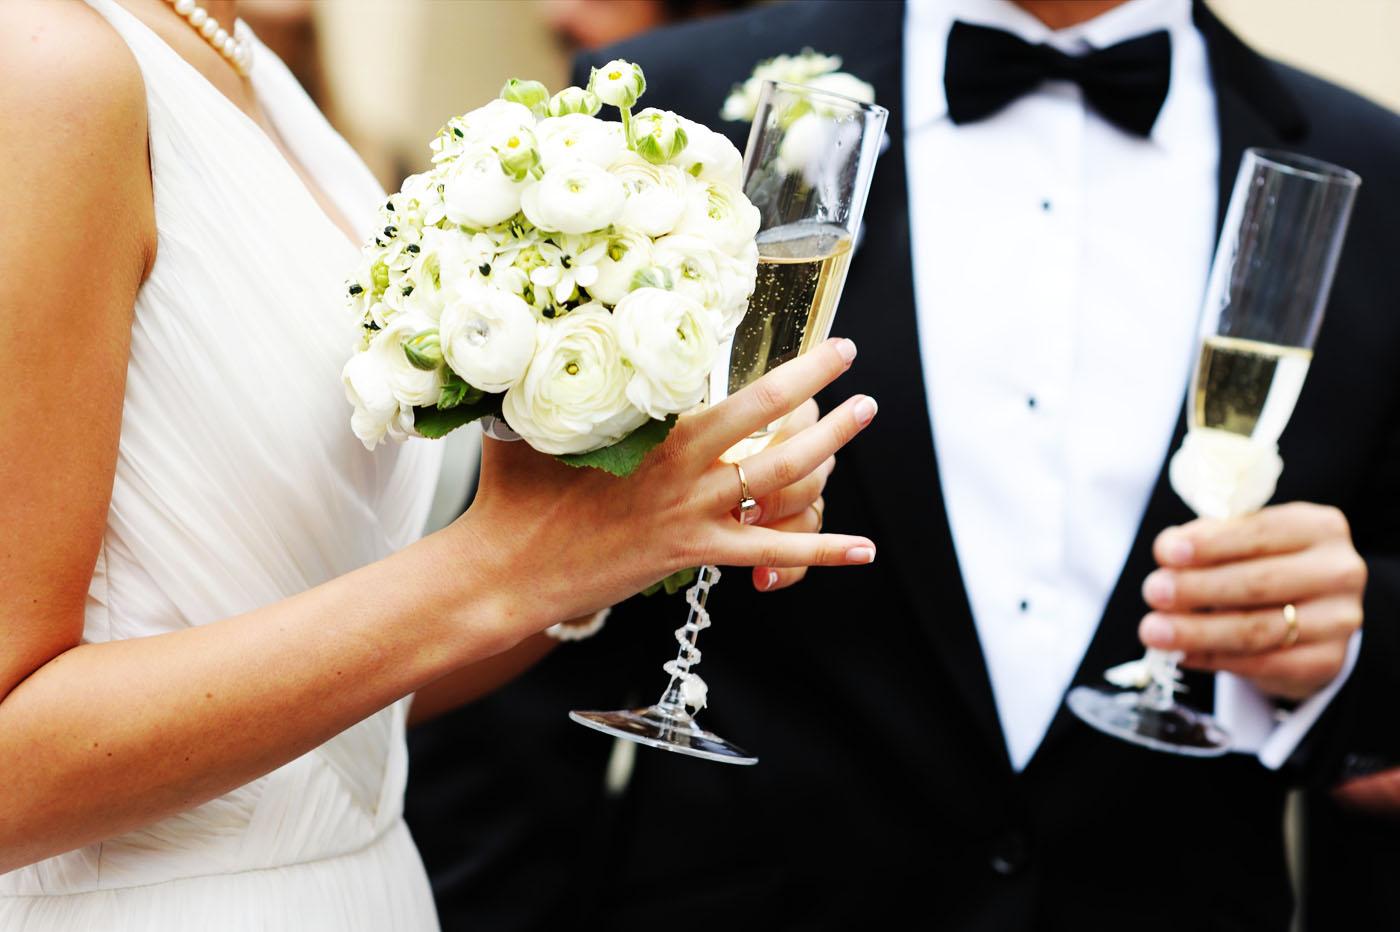 Mariage, Baptême, Anniversaire